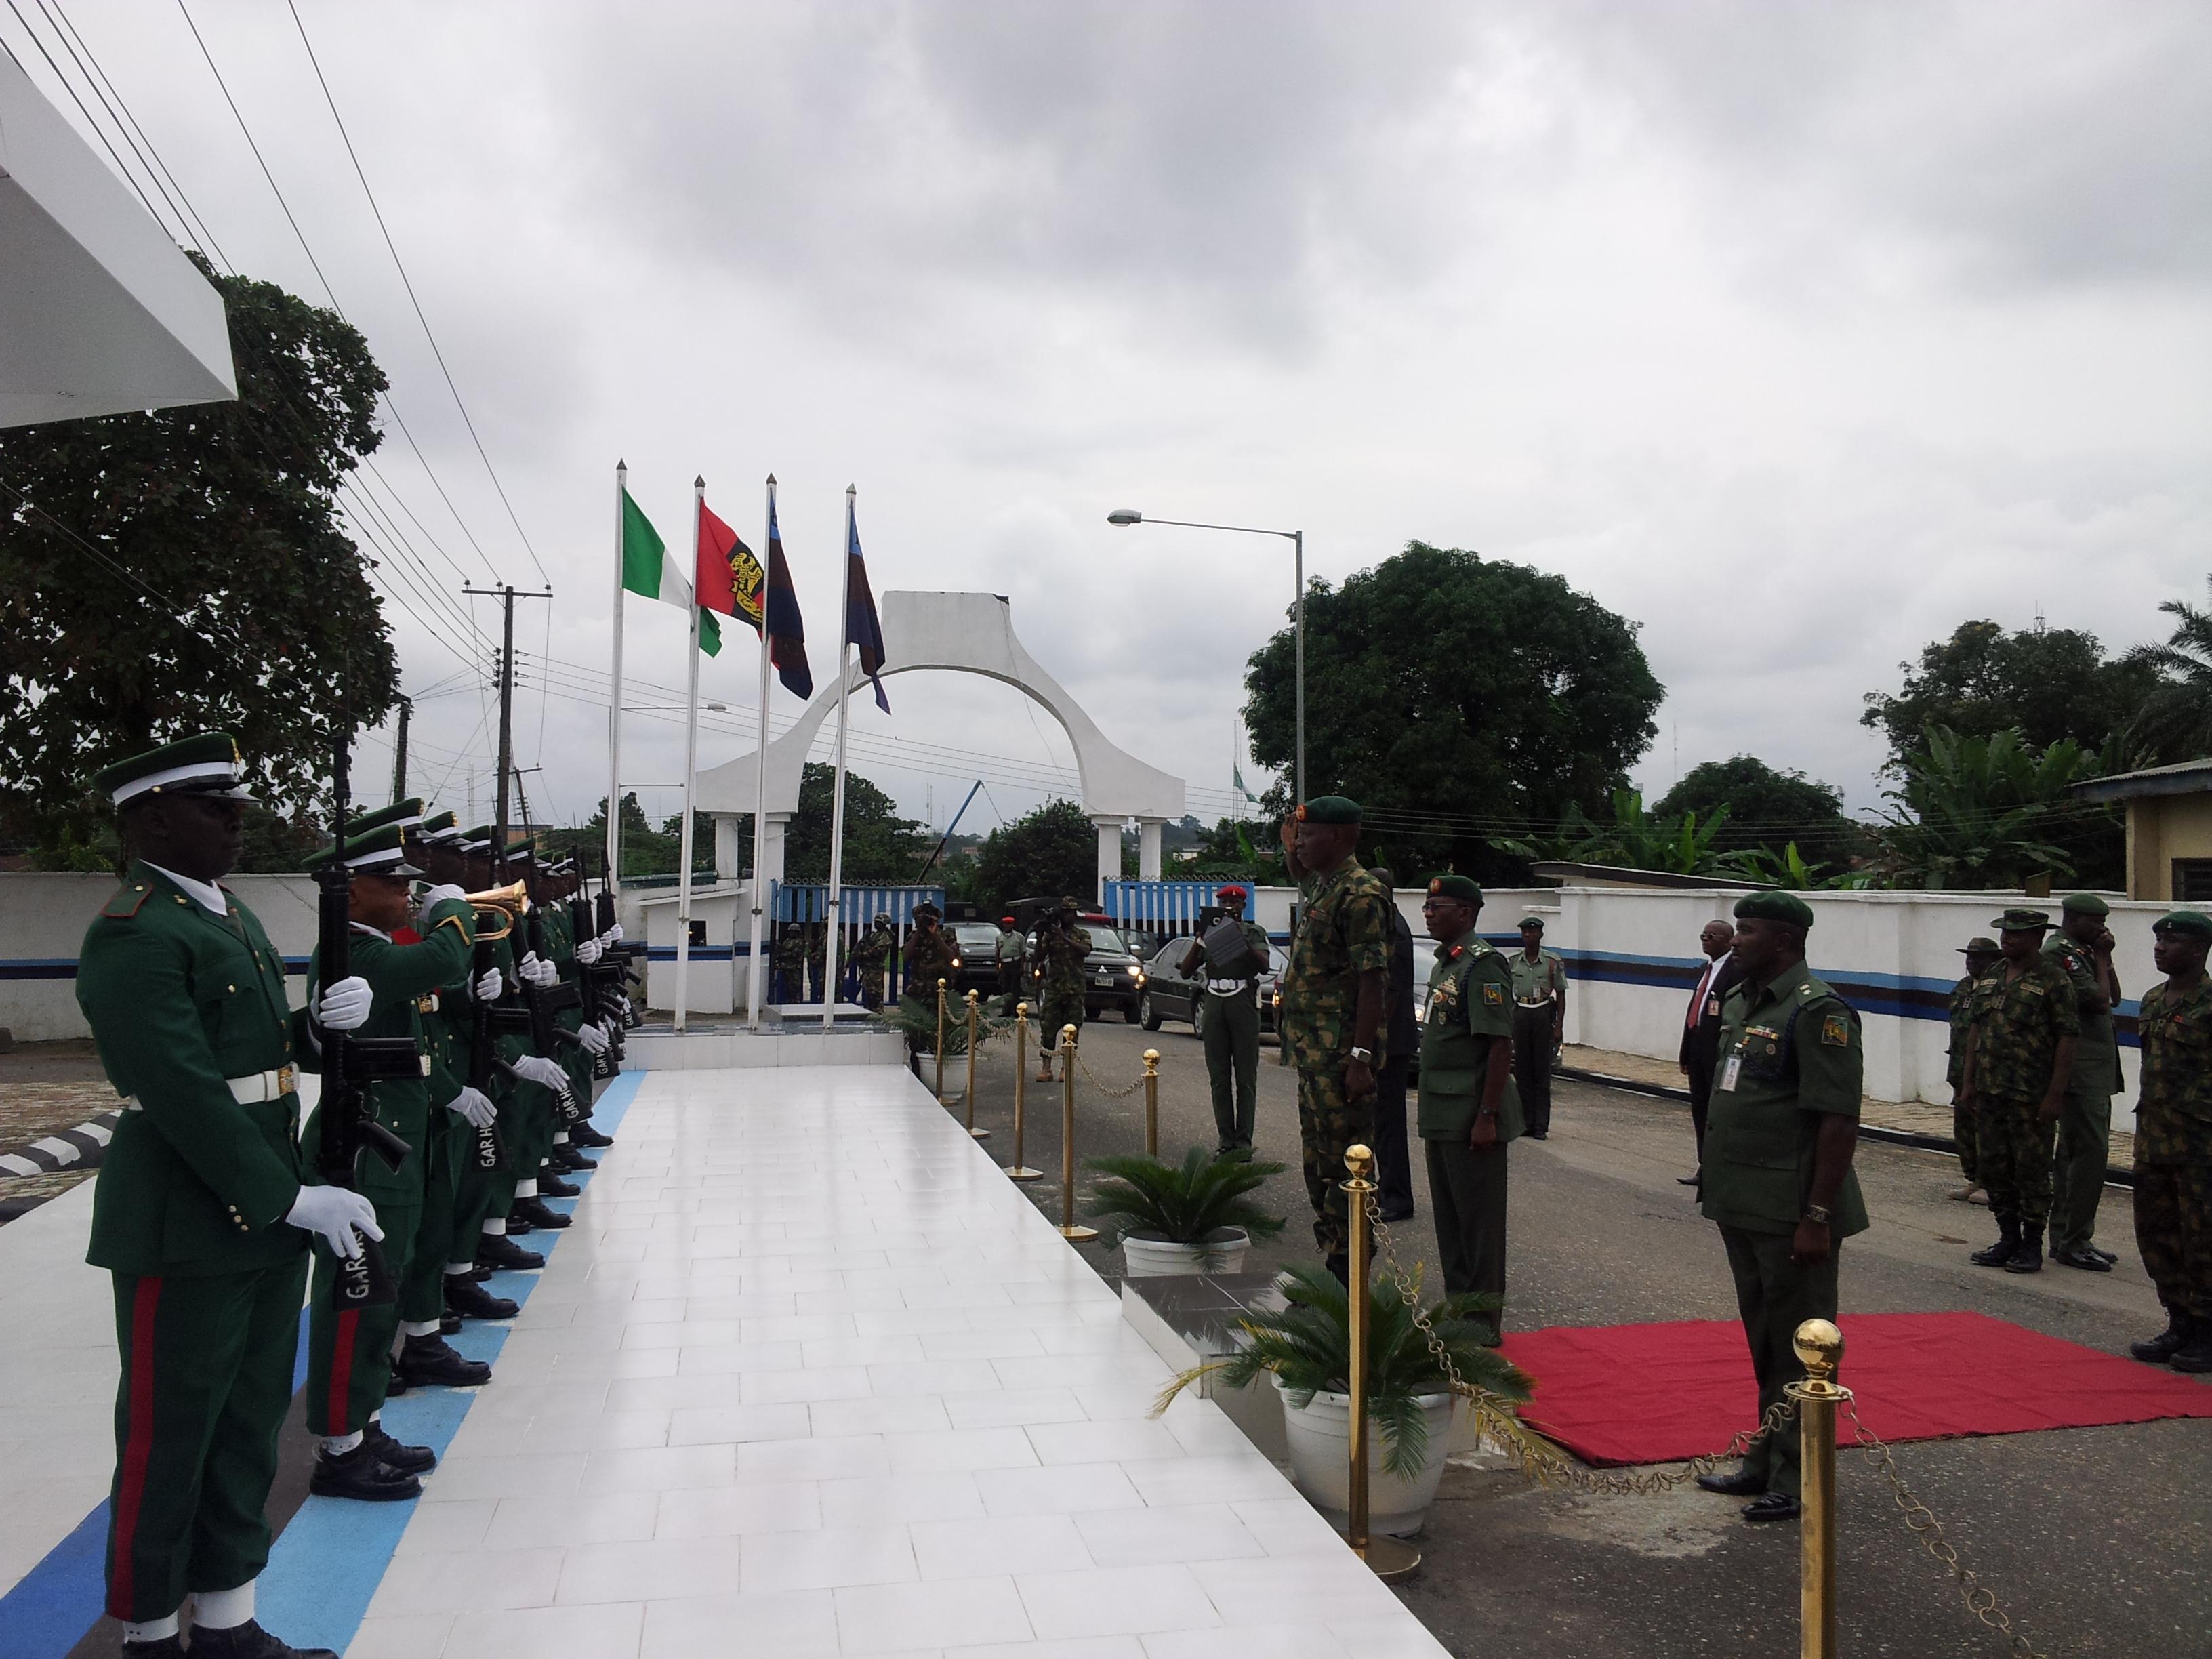 General Officer Commanding, 82 Division, Major General Ashimiu Adebayo inspecting the guard of honor at the 13 brigade barracks, Calabar